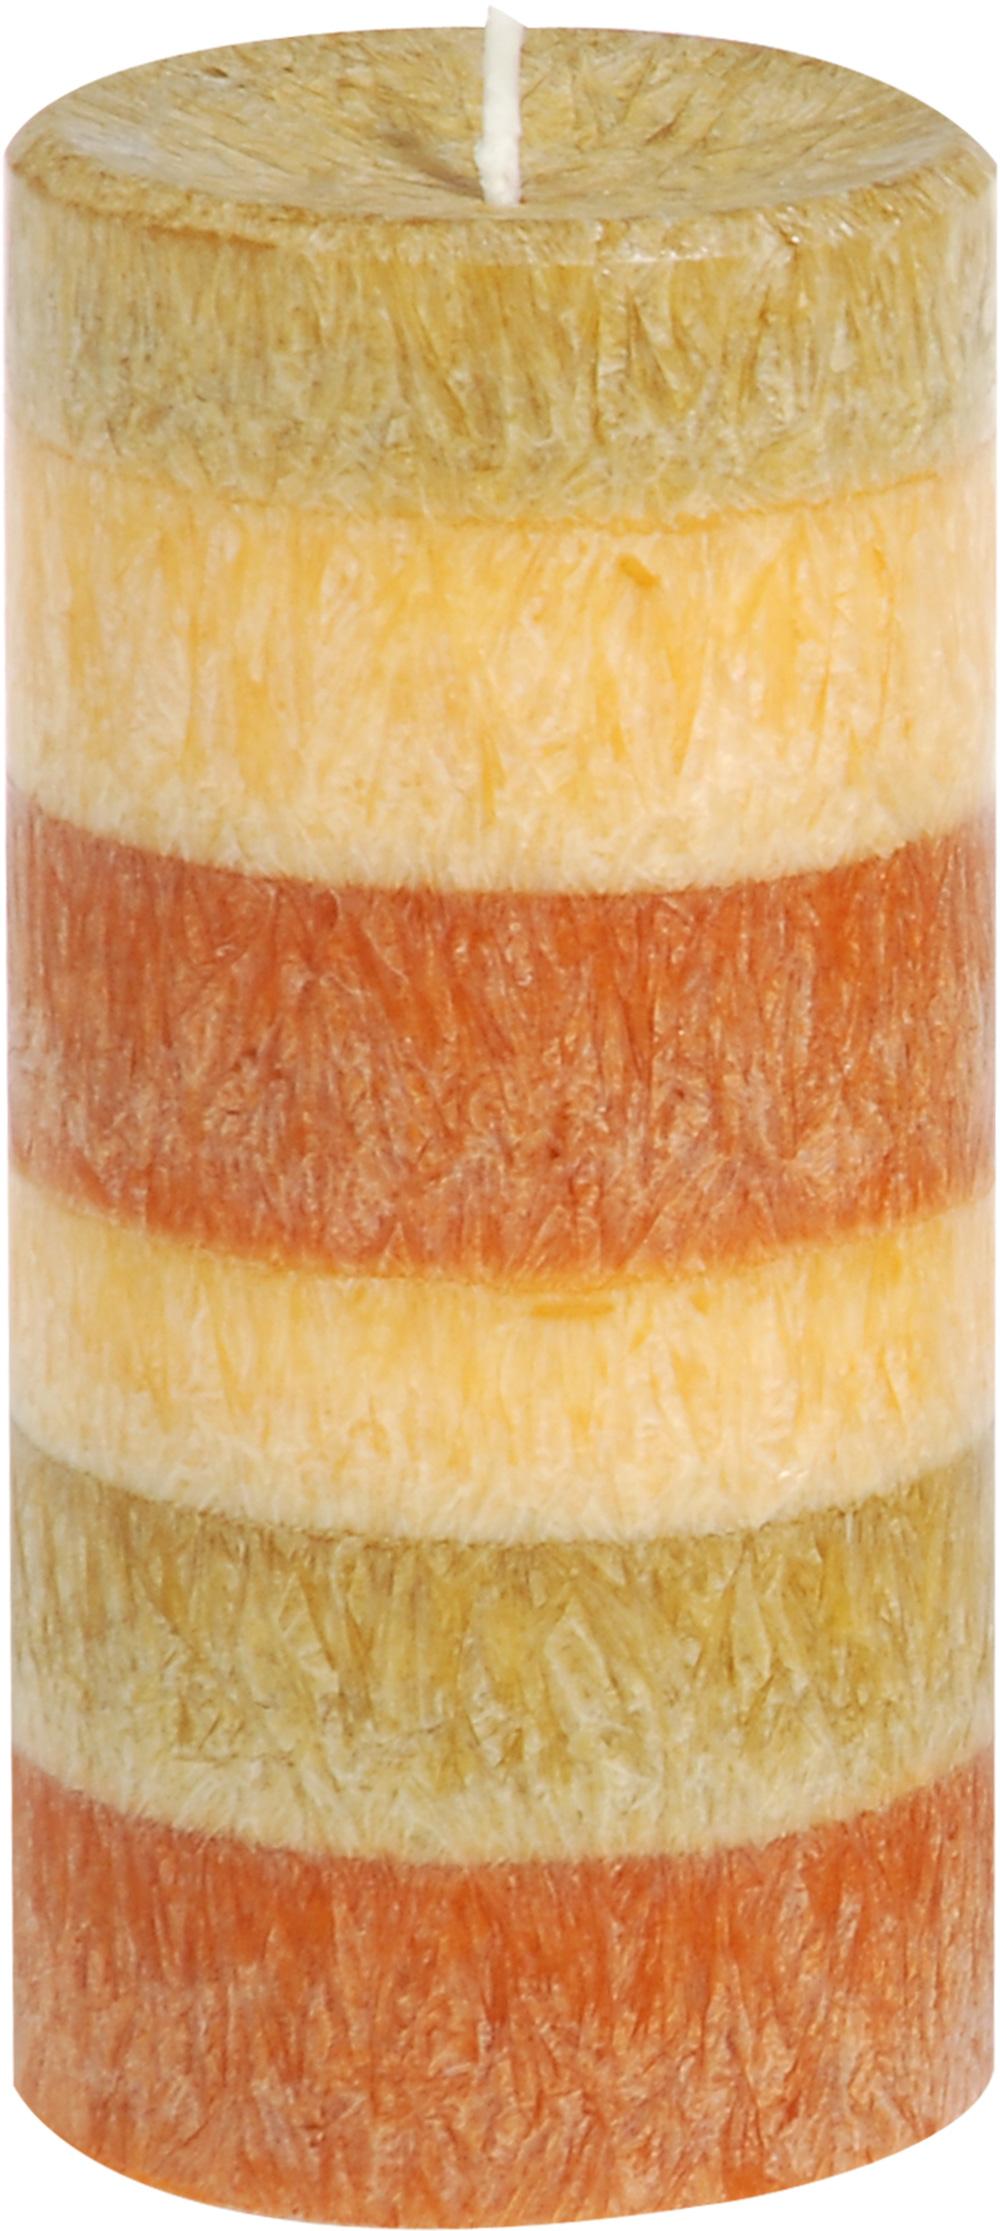 Κερί Πορτοκαλί – OEM – 4-SK 156601